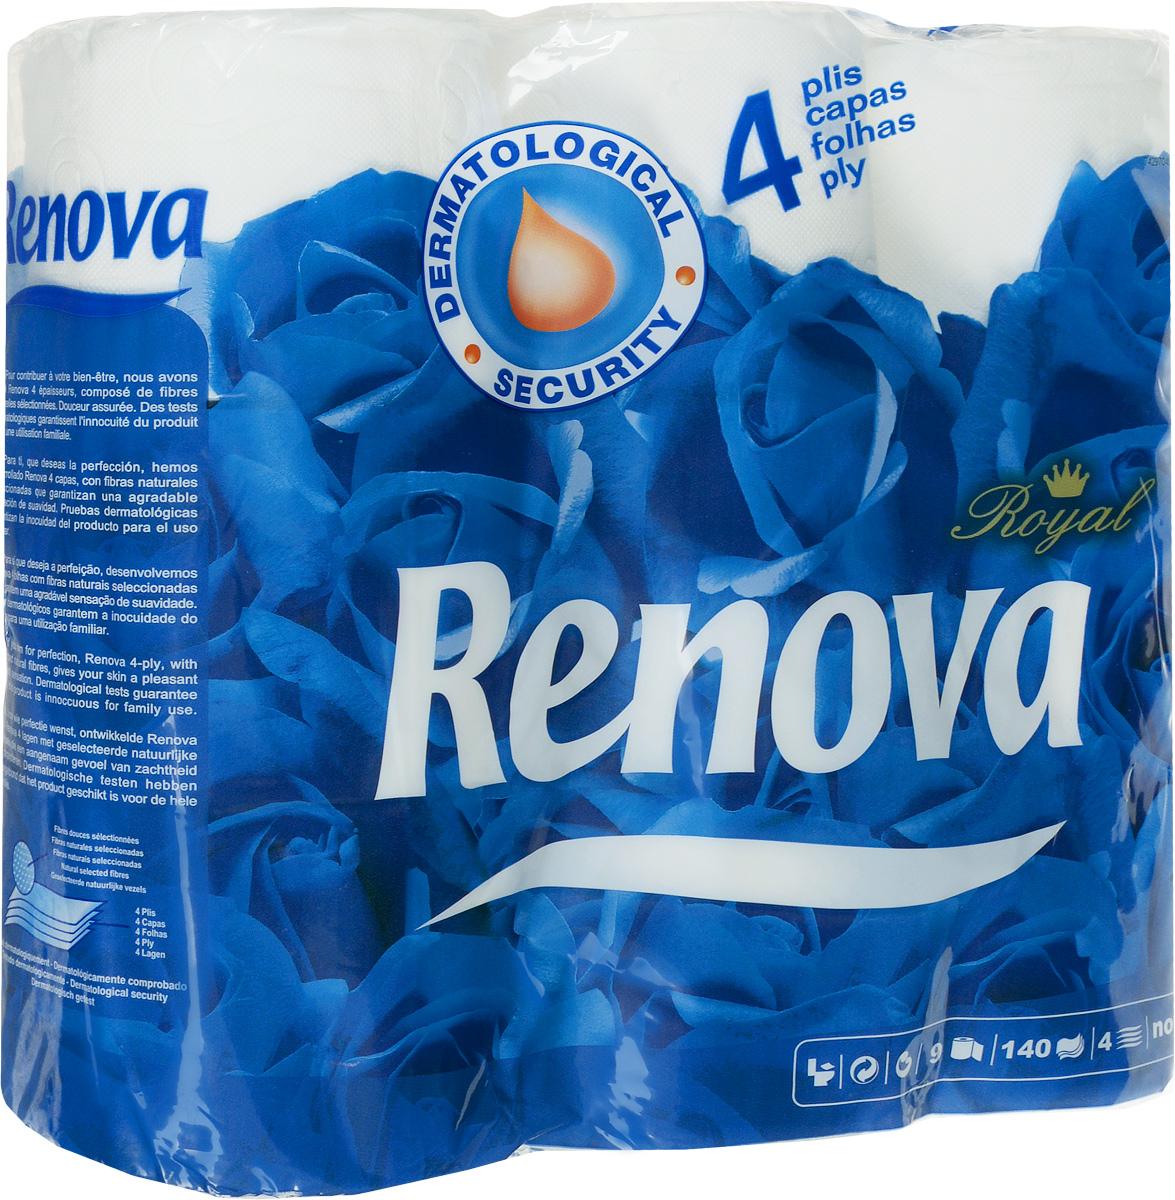 Туалетная бумага Renova Royal, четырехслойная, цвет: белый, 9 рулонов010-01199-23Туалетная бумага Renova Royal изготовлена по новейшей технологии из 100% целлюлозы, благодаря чему она очень мягкая, нежная, но в тоже время прочная. Перфорация надежно скрепляет четыре слоя бумаги. Туалетная бумага Renova Royal не содержит ароматизаторов и красителей. Состав: 100% целлюлоза. Количество листов: 140 шт.Количество слоев: 4.Размер листа: 11,5 см х 9,5 см.Количество рулонов: 9 шт.Португальская компания Renova является ведущим разработчиком новейших технологий производства, нового стиля и направления на рынке гигиенической продукции.